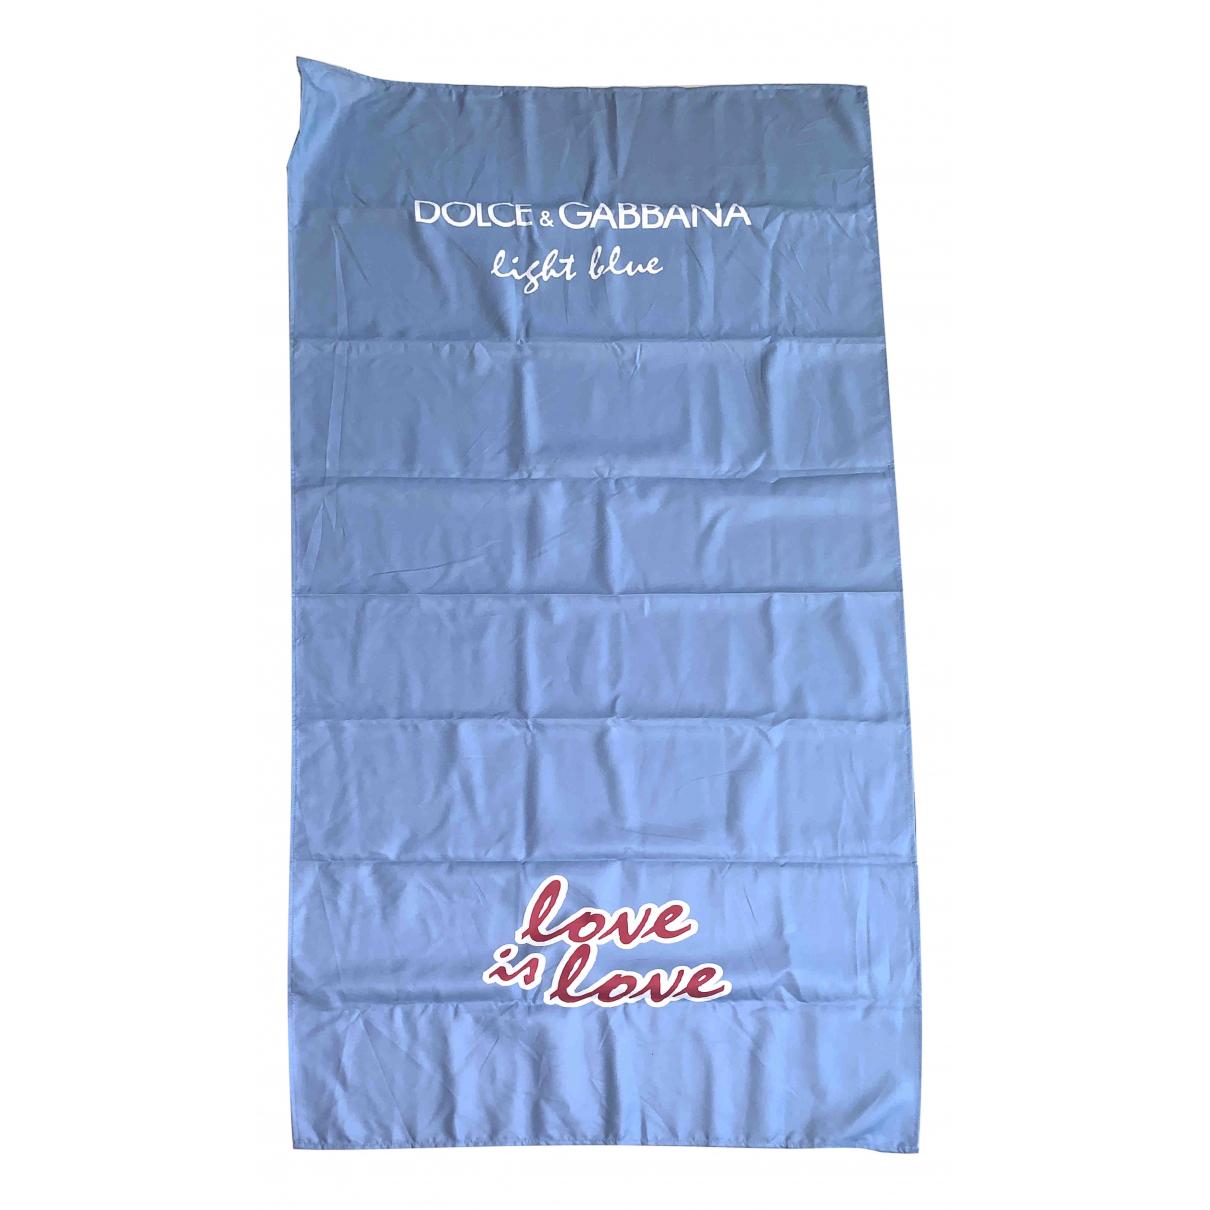 Dolce & Gabbana - Linge de maison   pour lifestyle en eponge - bleu